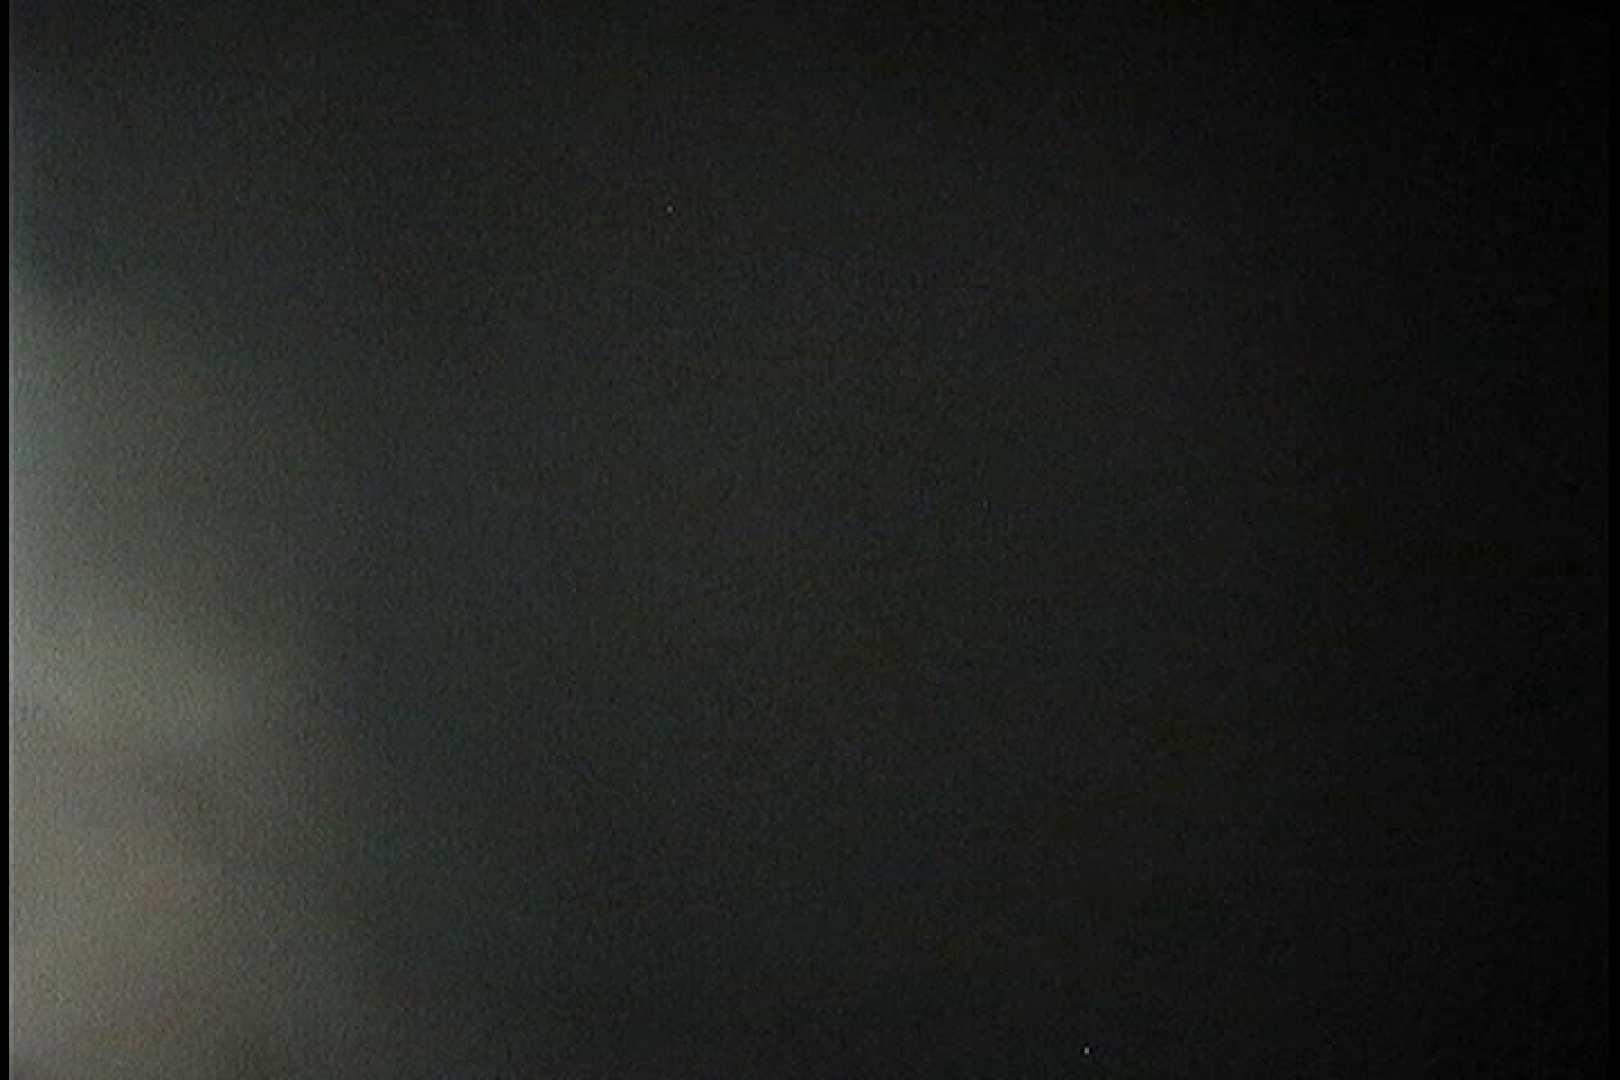 No.22 日焼け跡とオッパイの関係がおかしな貧乳ギャル 貧乳  62画像 4